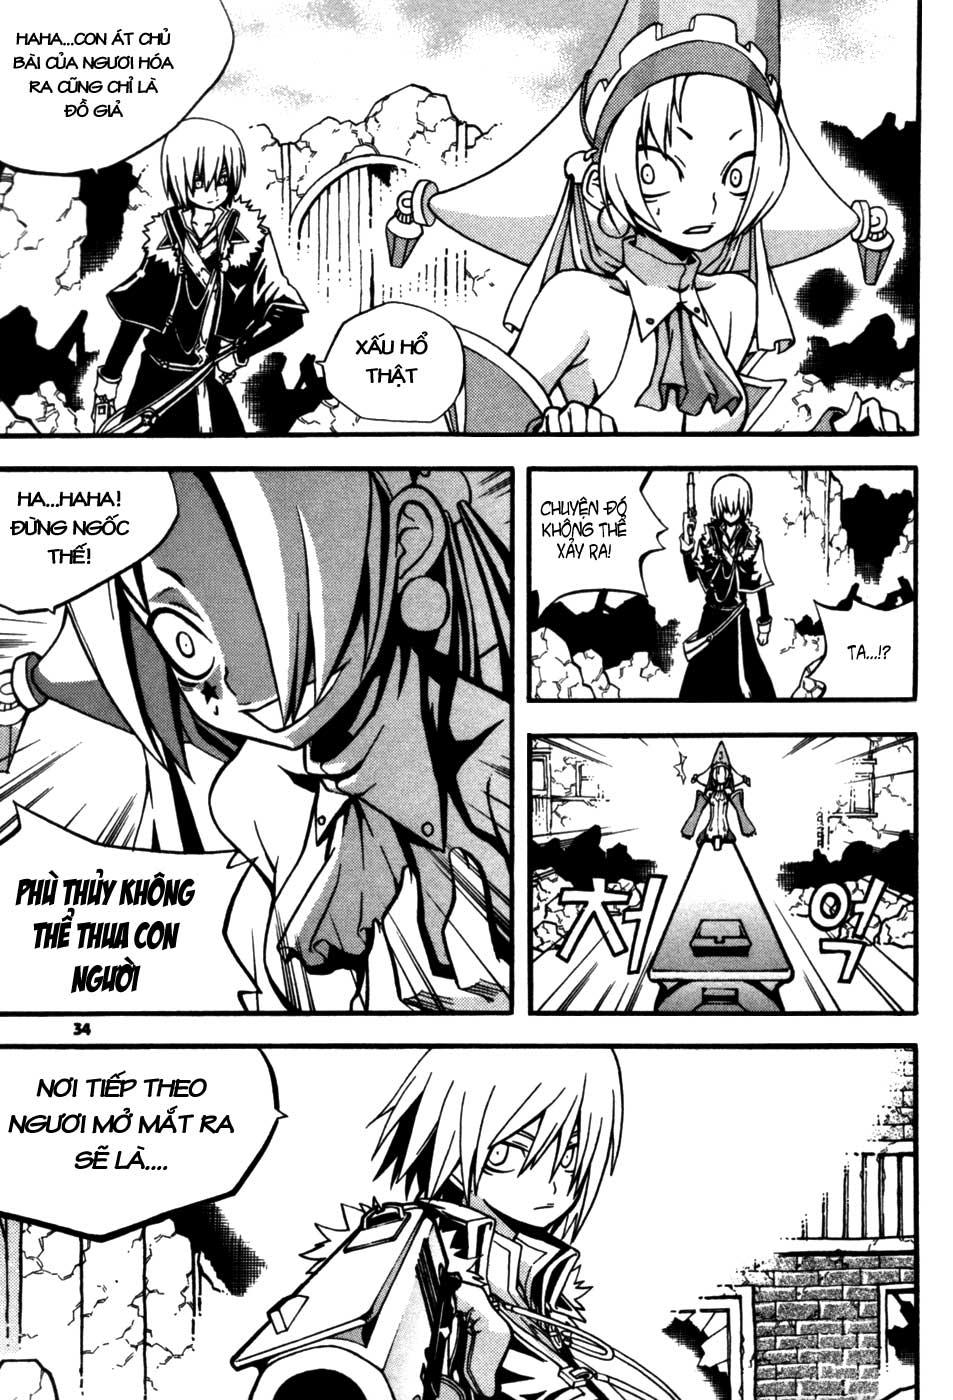 Witch Hunter – Thợ Săn Phù Thủy chap 9 page 34 - IZTruyenTranh.com